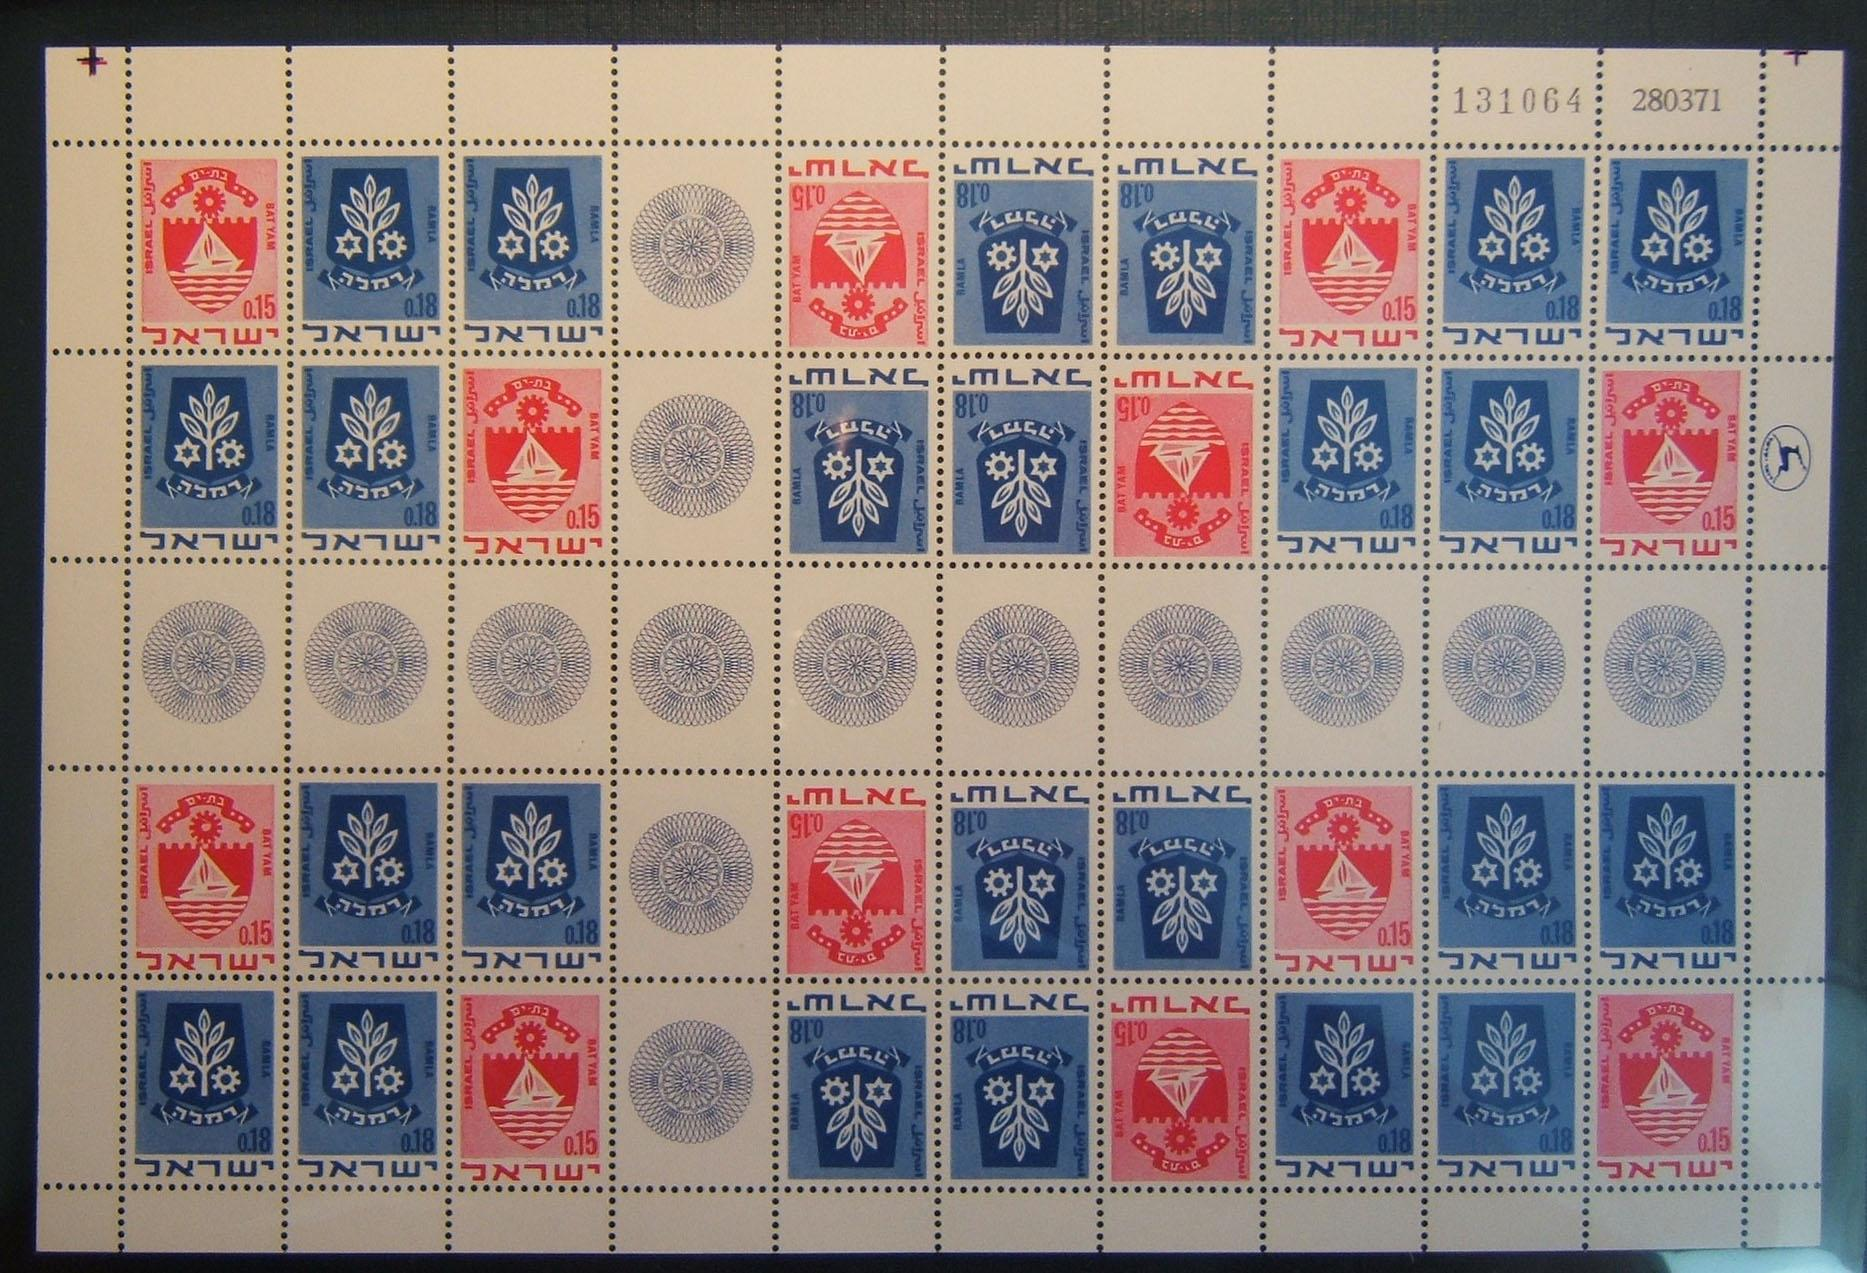 1969 2. Stadt Embleme 0,15£+0,18£ tete beche Blatt (Ba IrS.23), postfrisch